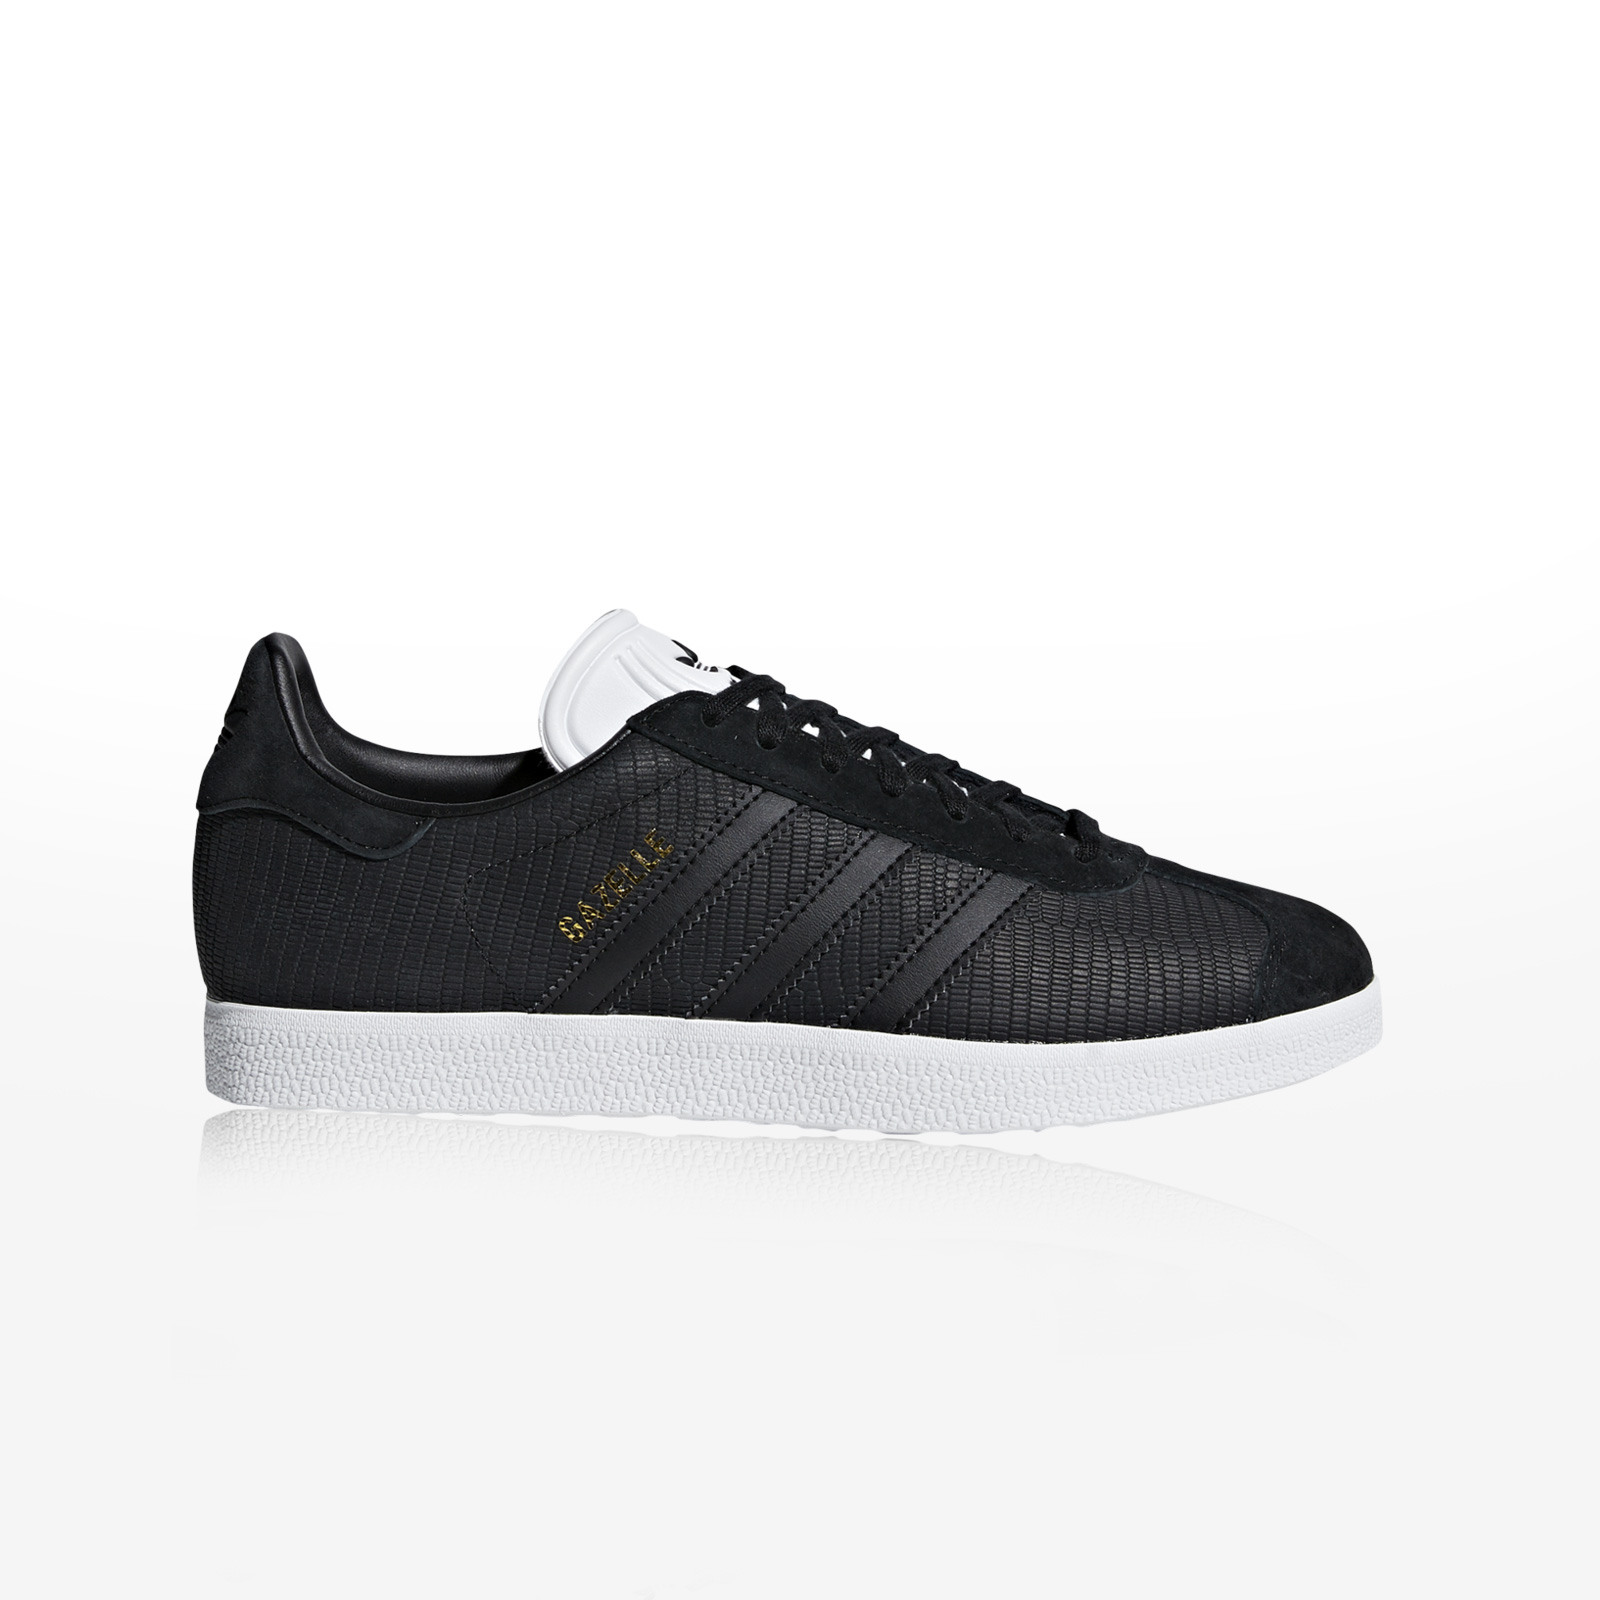 -50% Sportcafe adidas Originals – GAZELLE W – CBLACK CBLACK FTWWHT 9e5f071b6